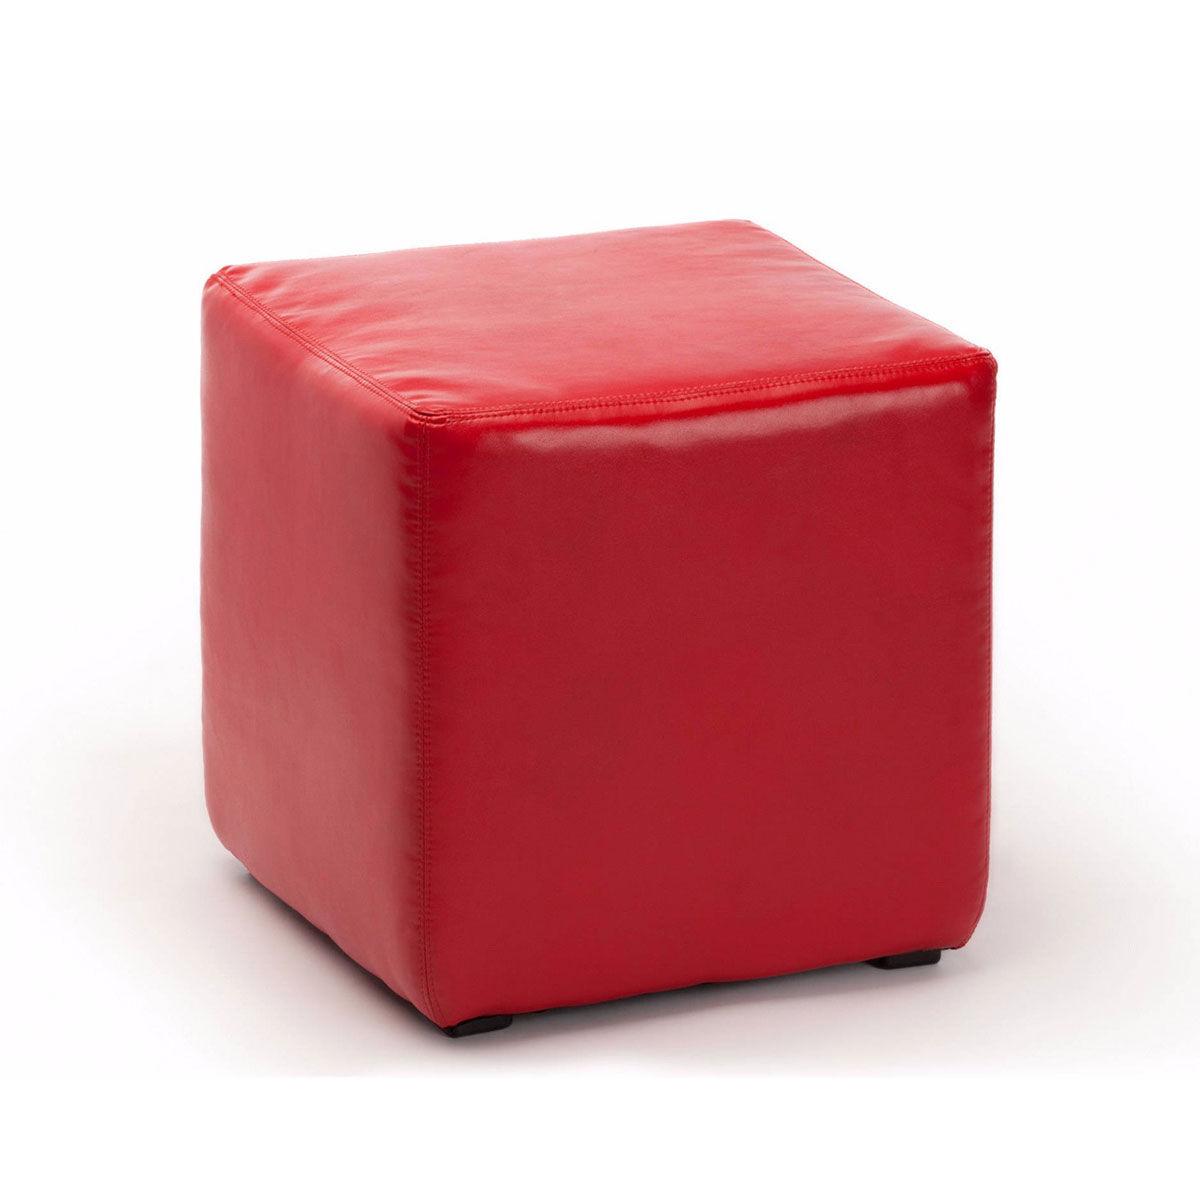 Пуф красный